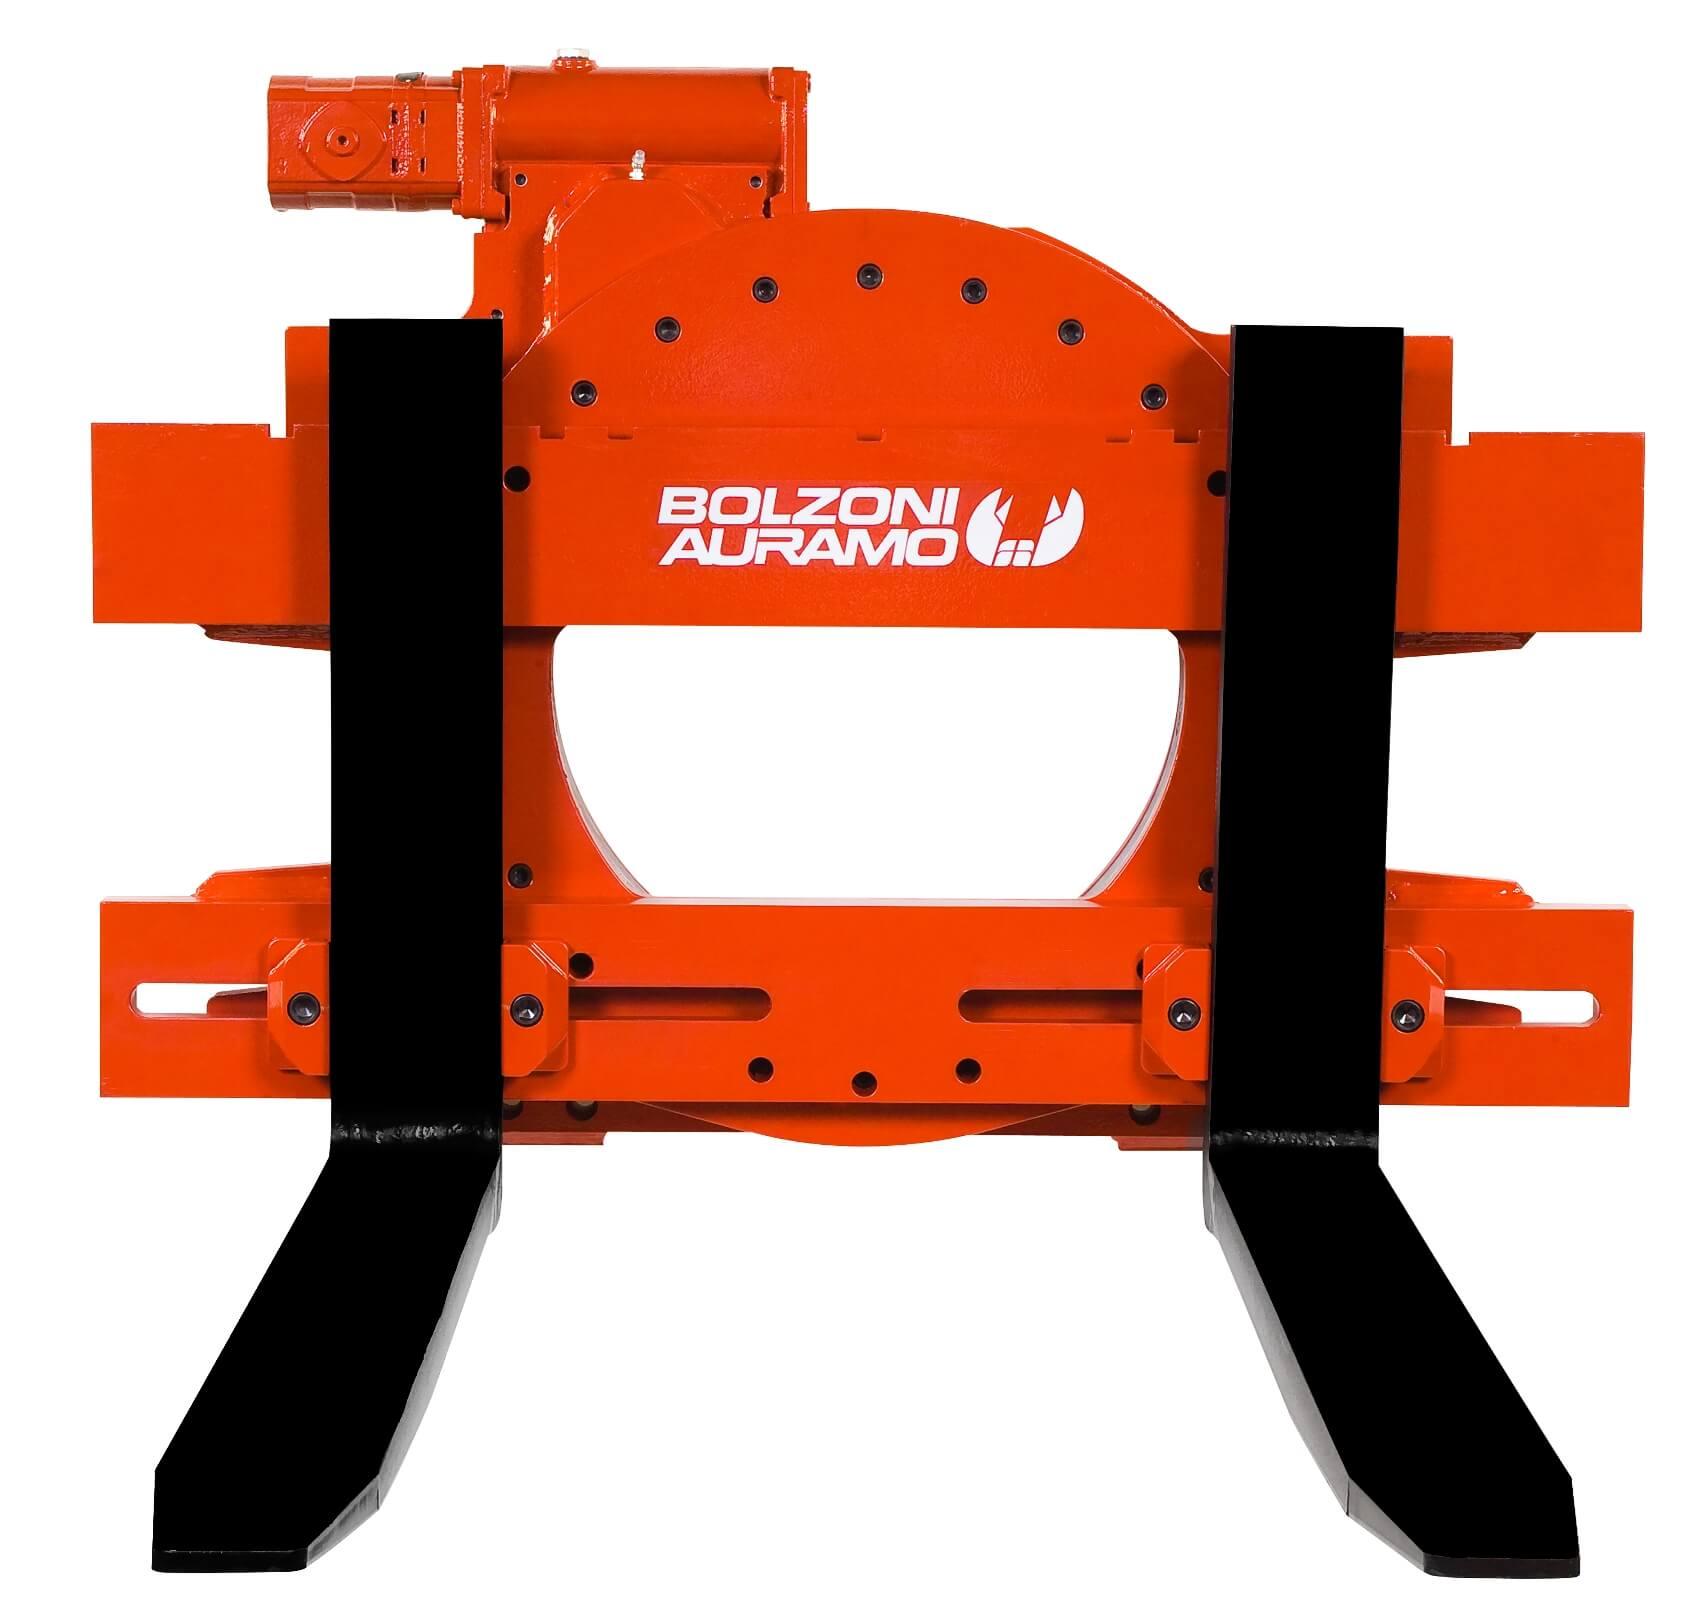 Náhradní díly pro vysokozdvižné vozíky a manipulační techniku – prodej, dodávka